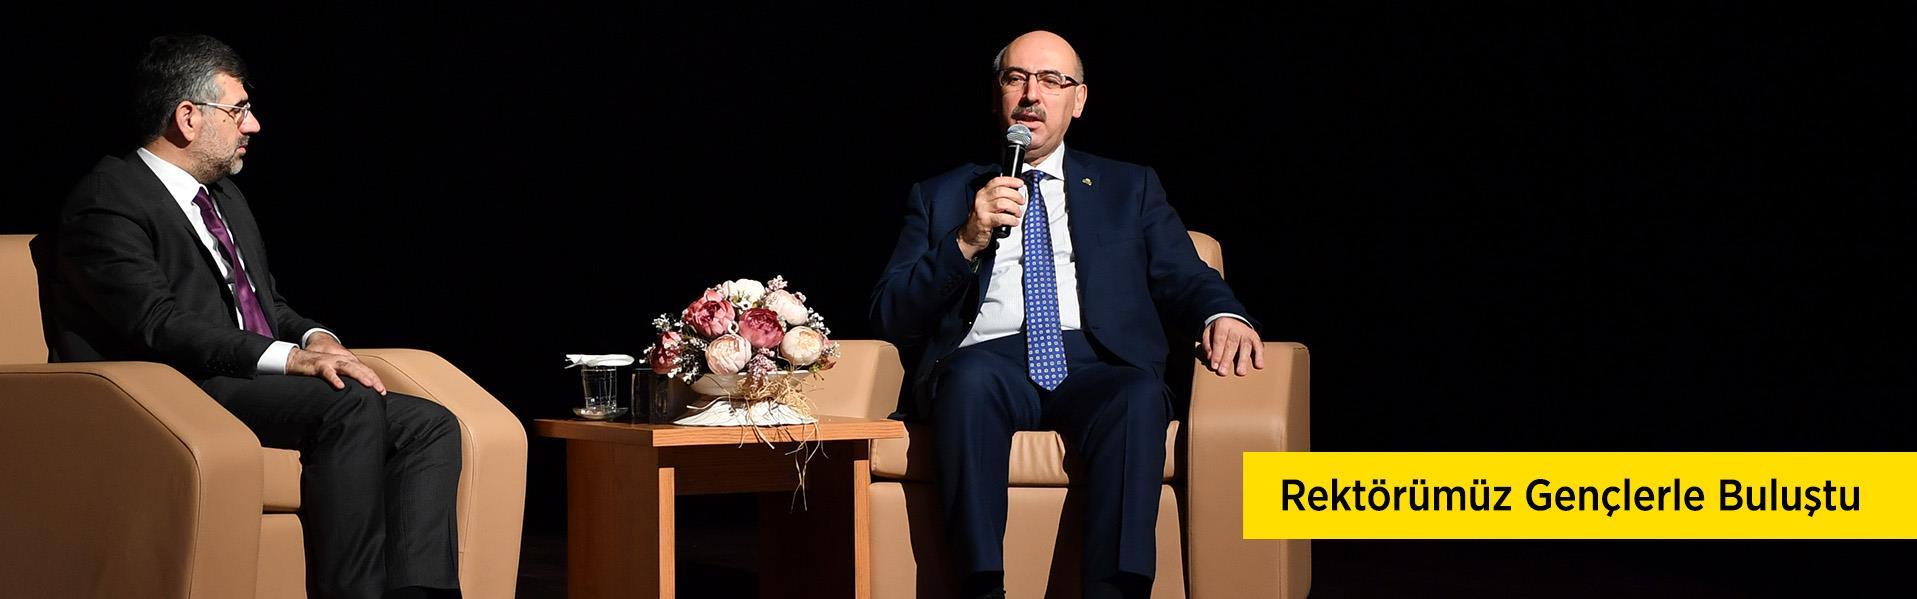 sultanbeyli prof-dr-mahmut-ak